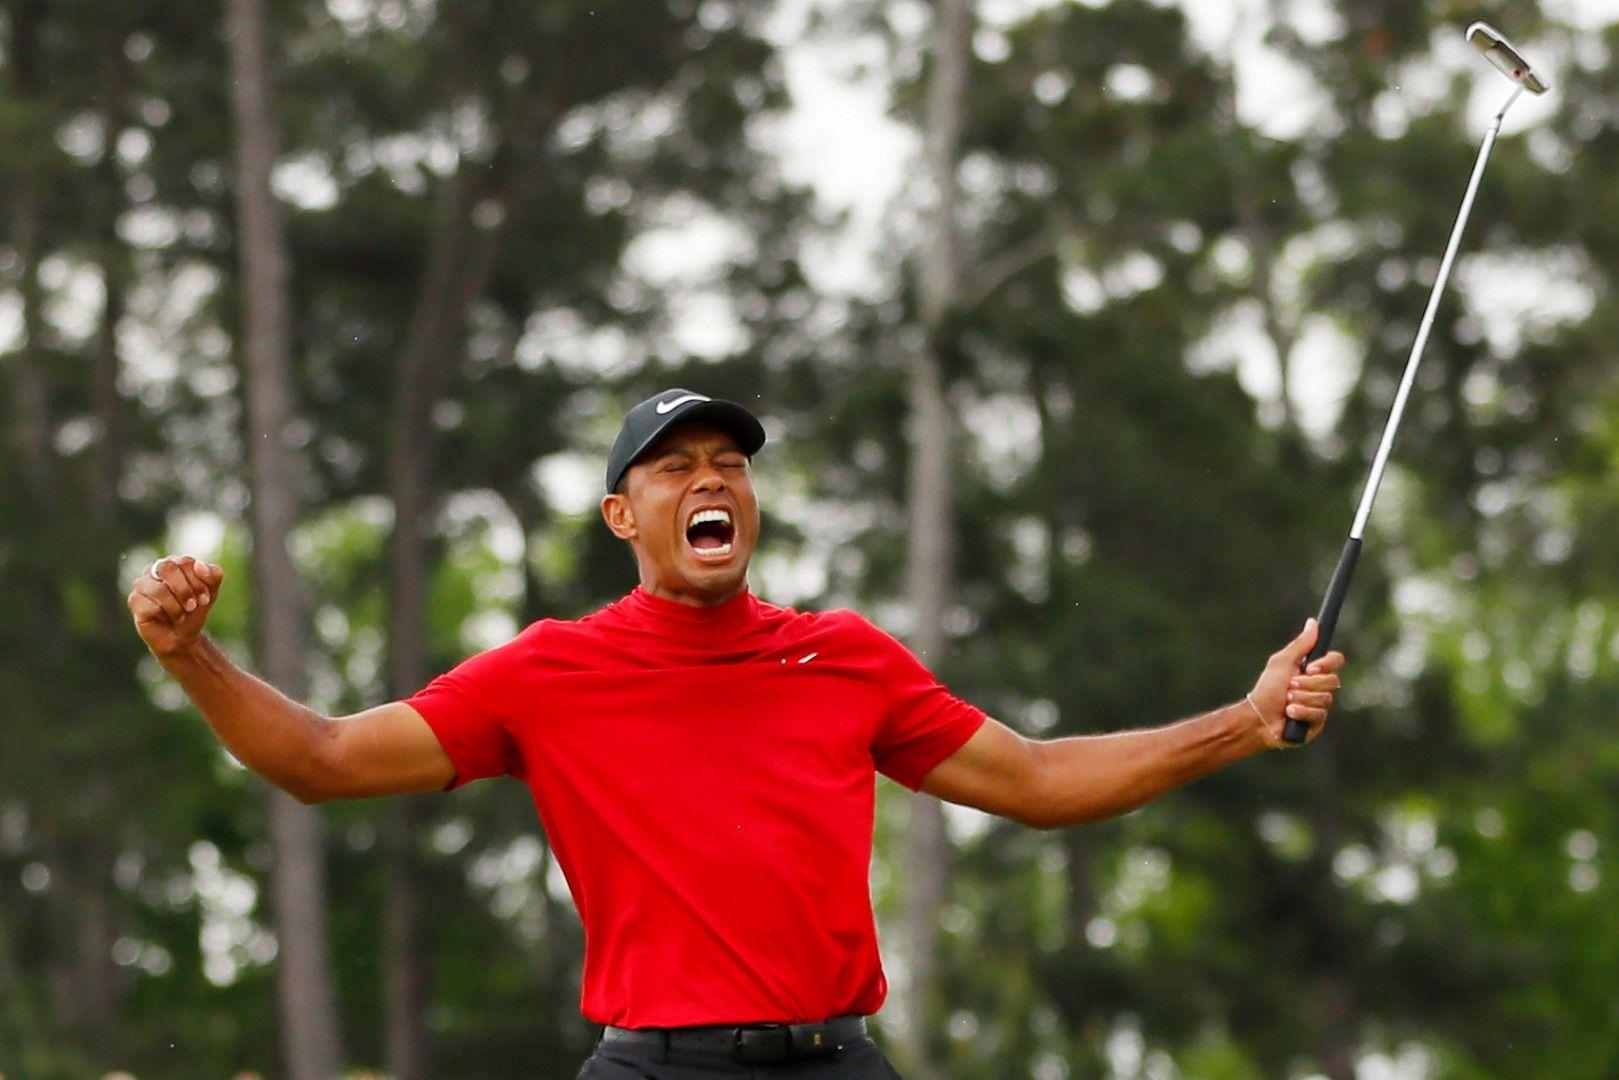 """Историята със спечеления от него """"Мастърс"""" миналия уикенд вдъхнови не един спортен ас в света, както и върна лентата към големи завръщания през годините."""